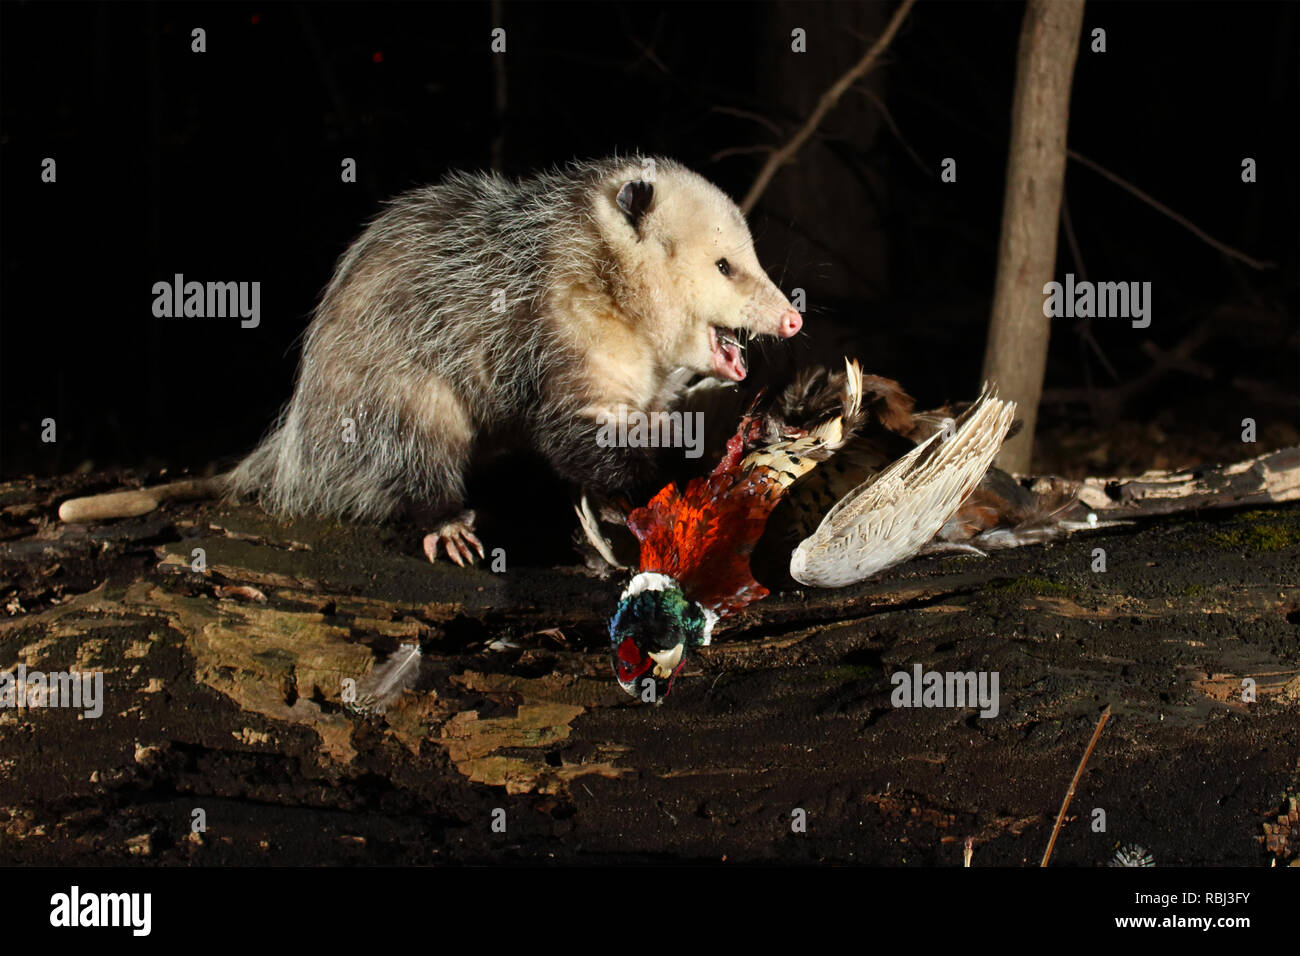 Ein Virginia opossum Schlemmen auf einem Ring-necked Pheasant. Stockbild